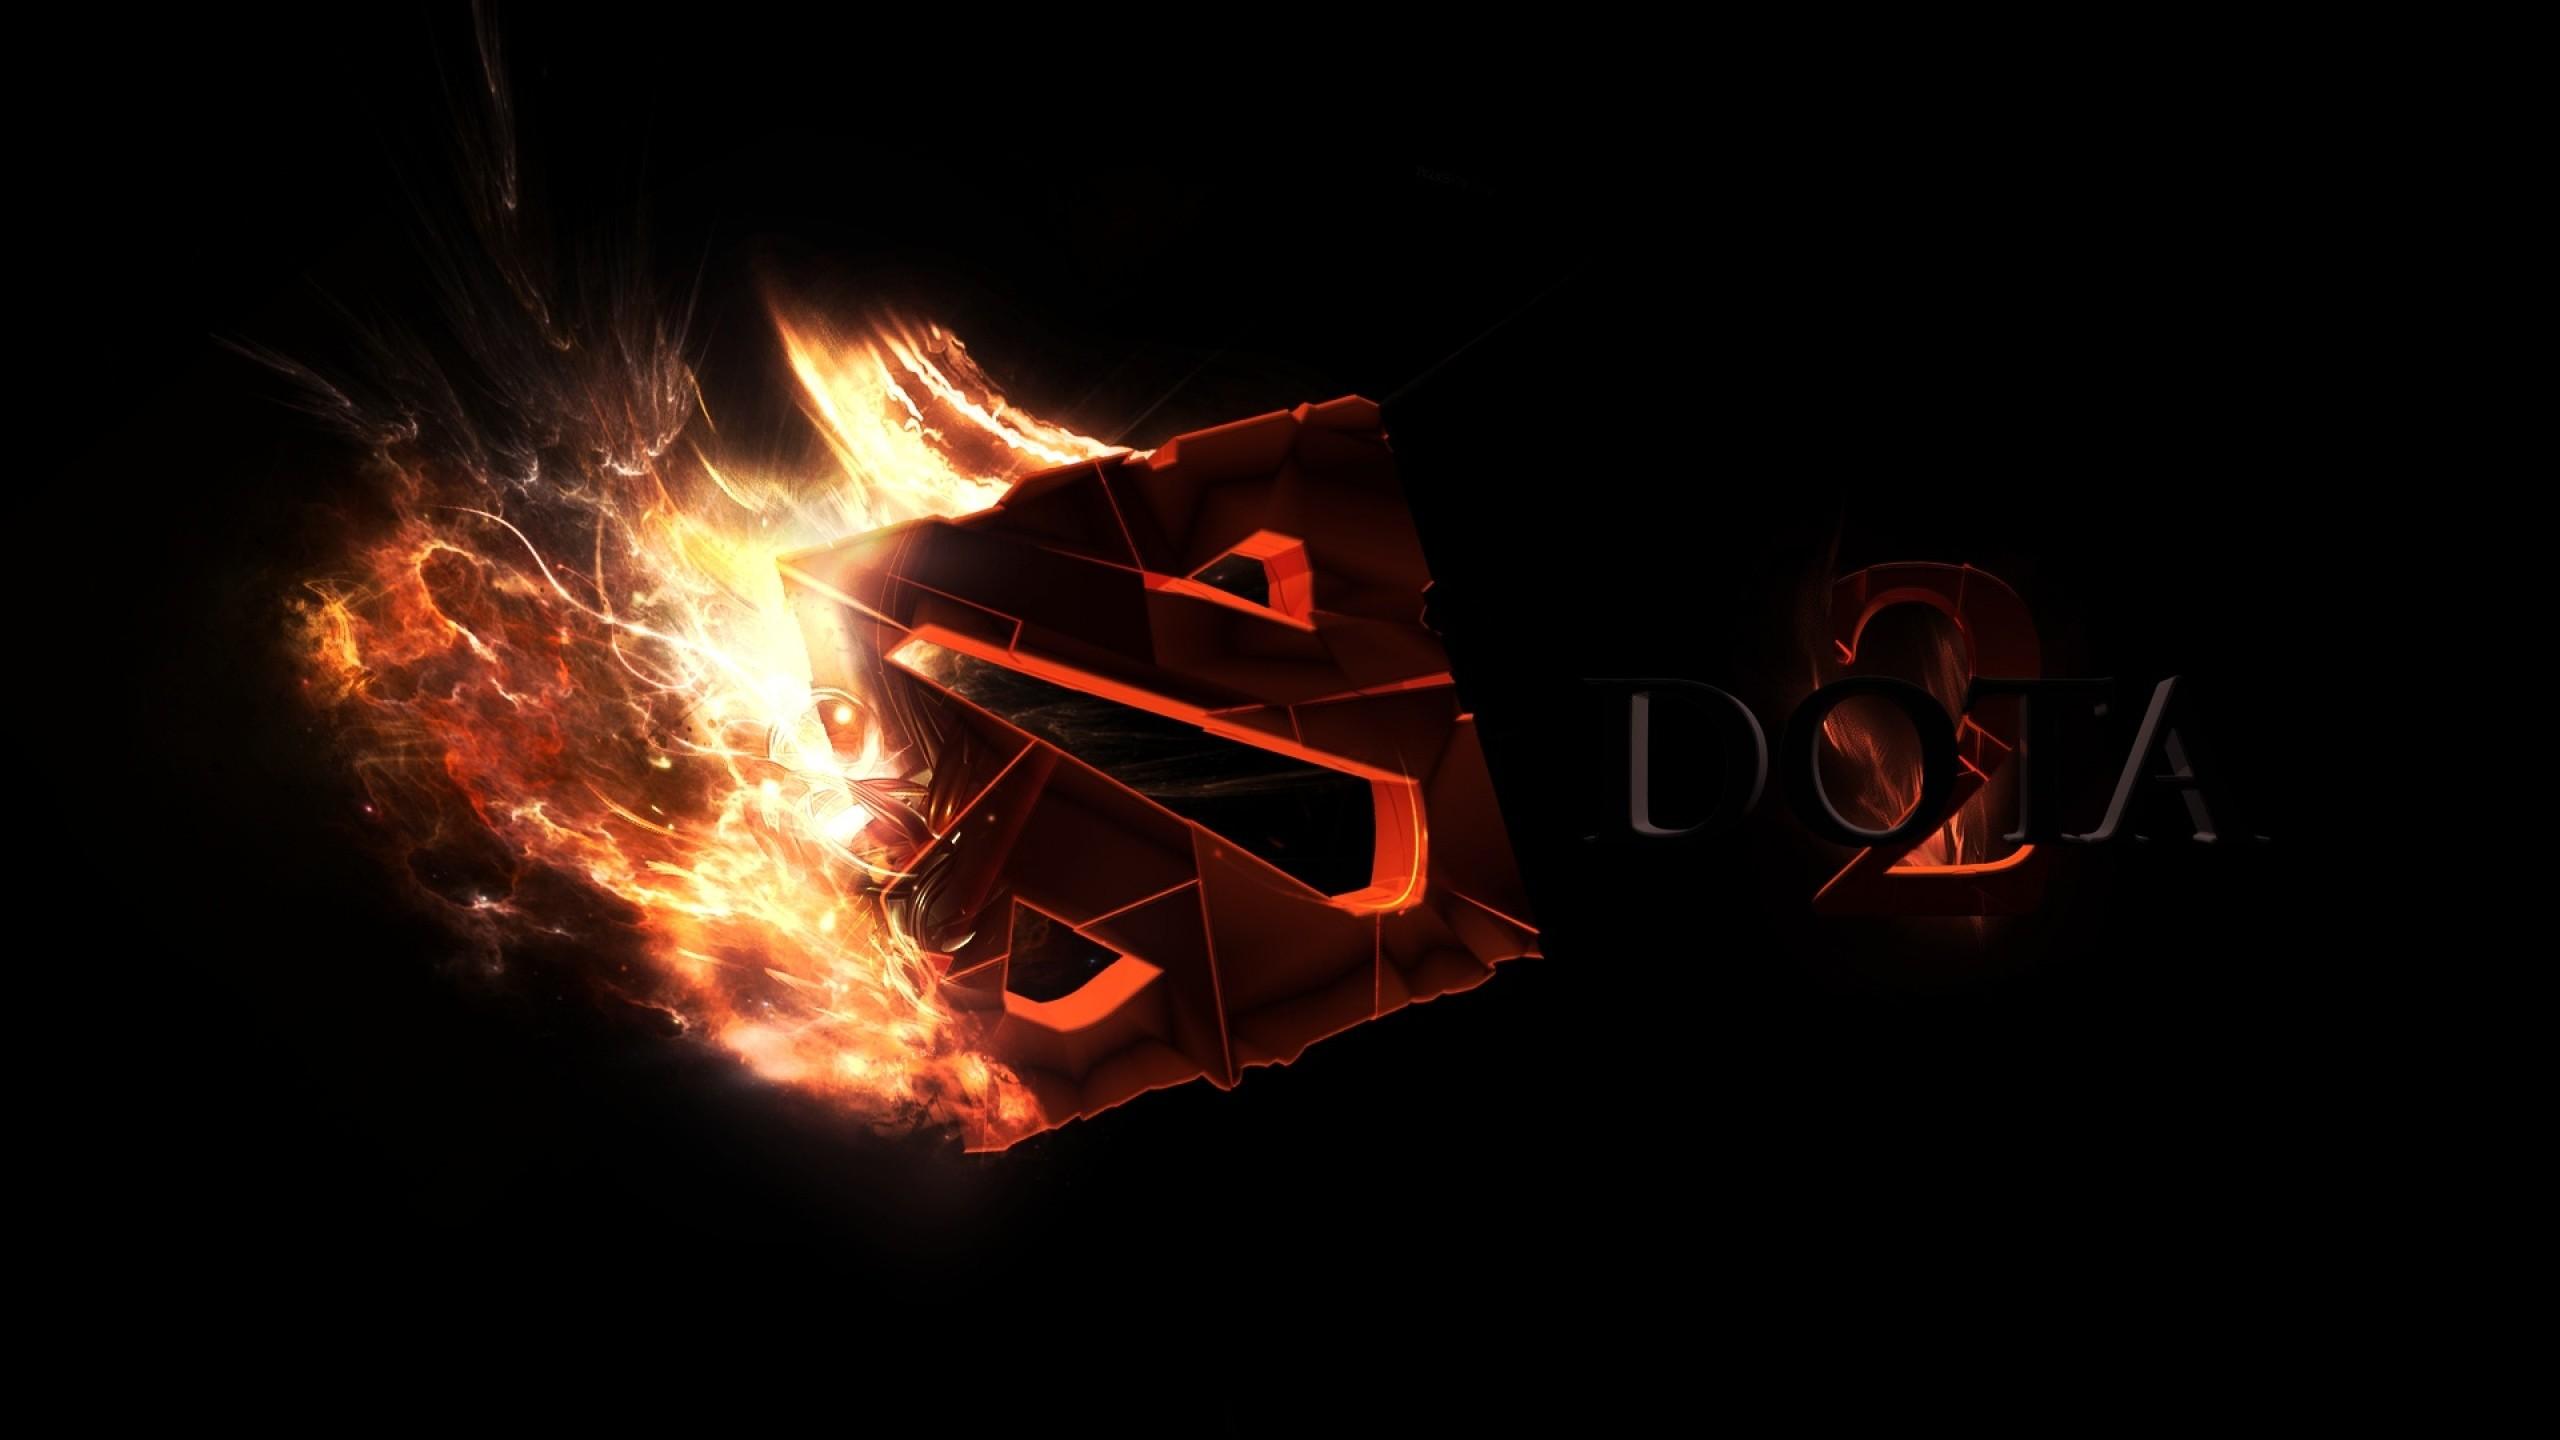 Preview wallpaper dota 2, art, logo, fire 2560×1440